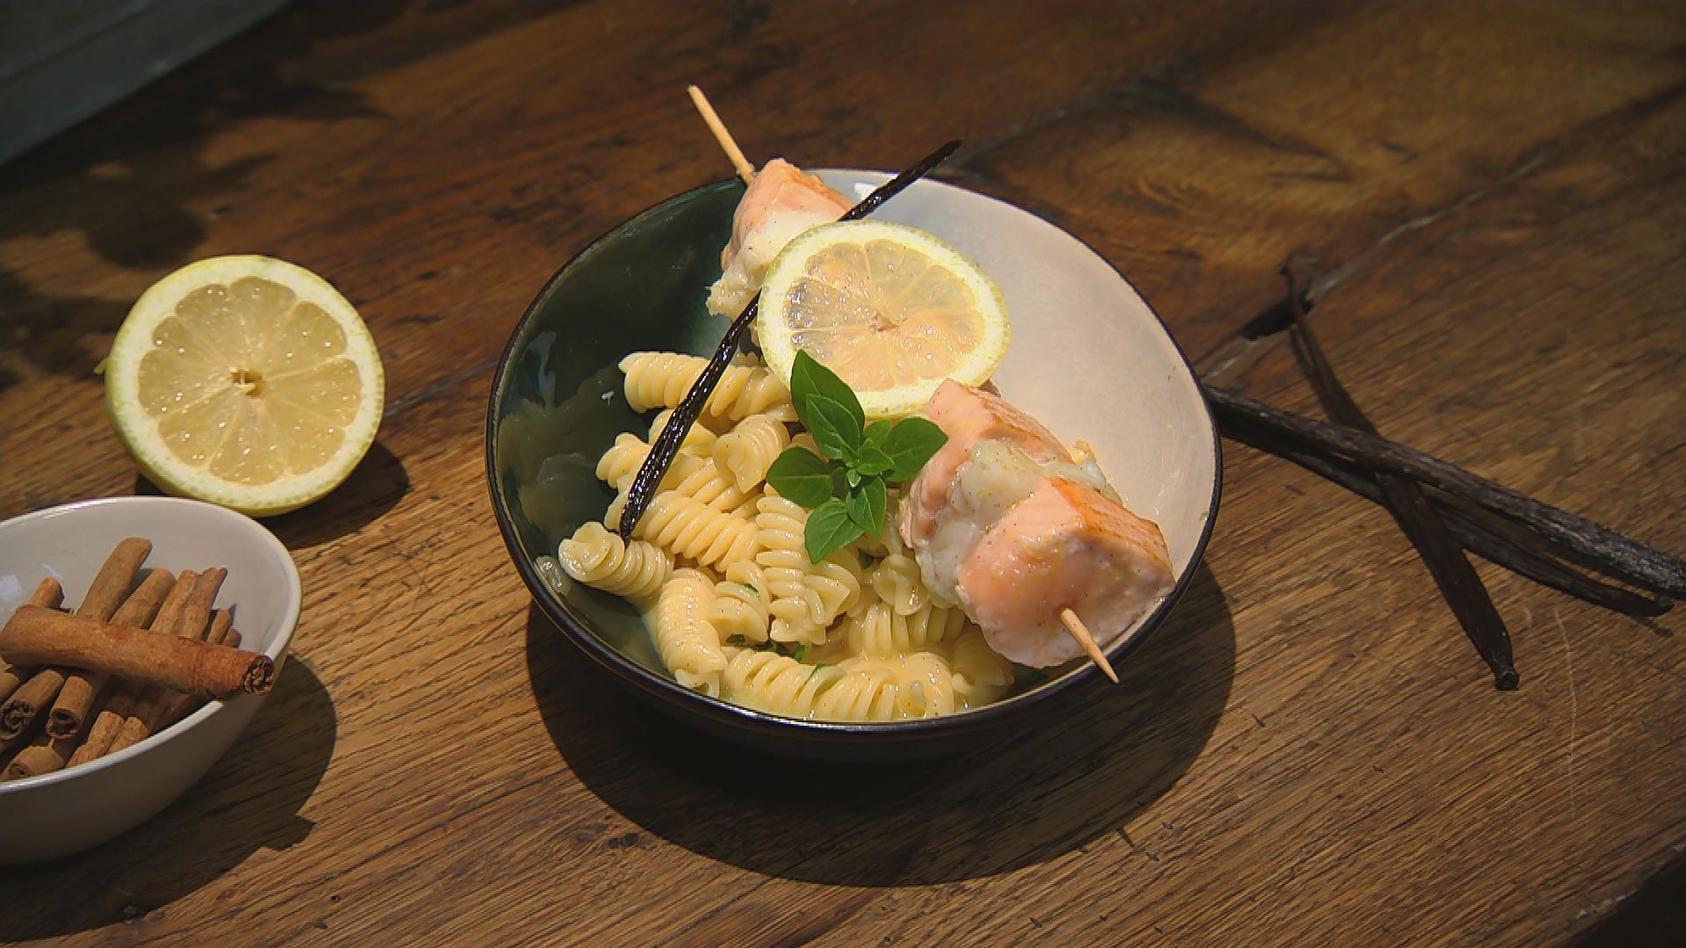 Süße Würze – Herzhafte Gerichte mit Vanille, Schoko und Zimt!: Fisch-Duett mit Vanillebutter